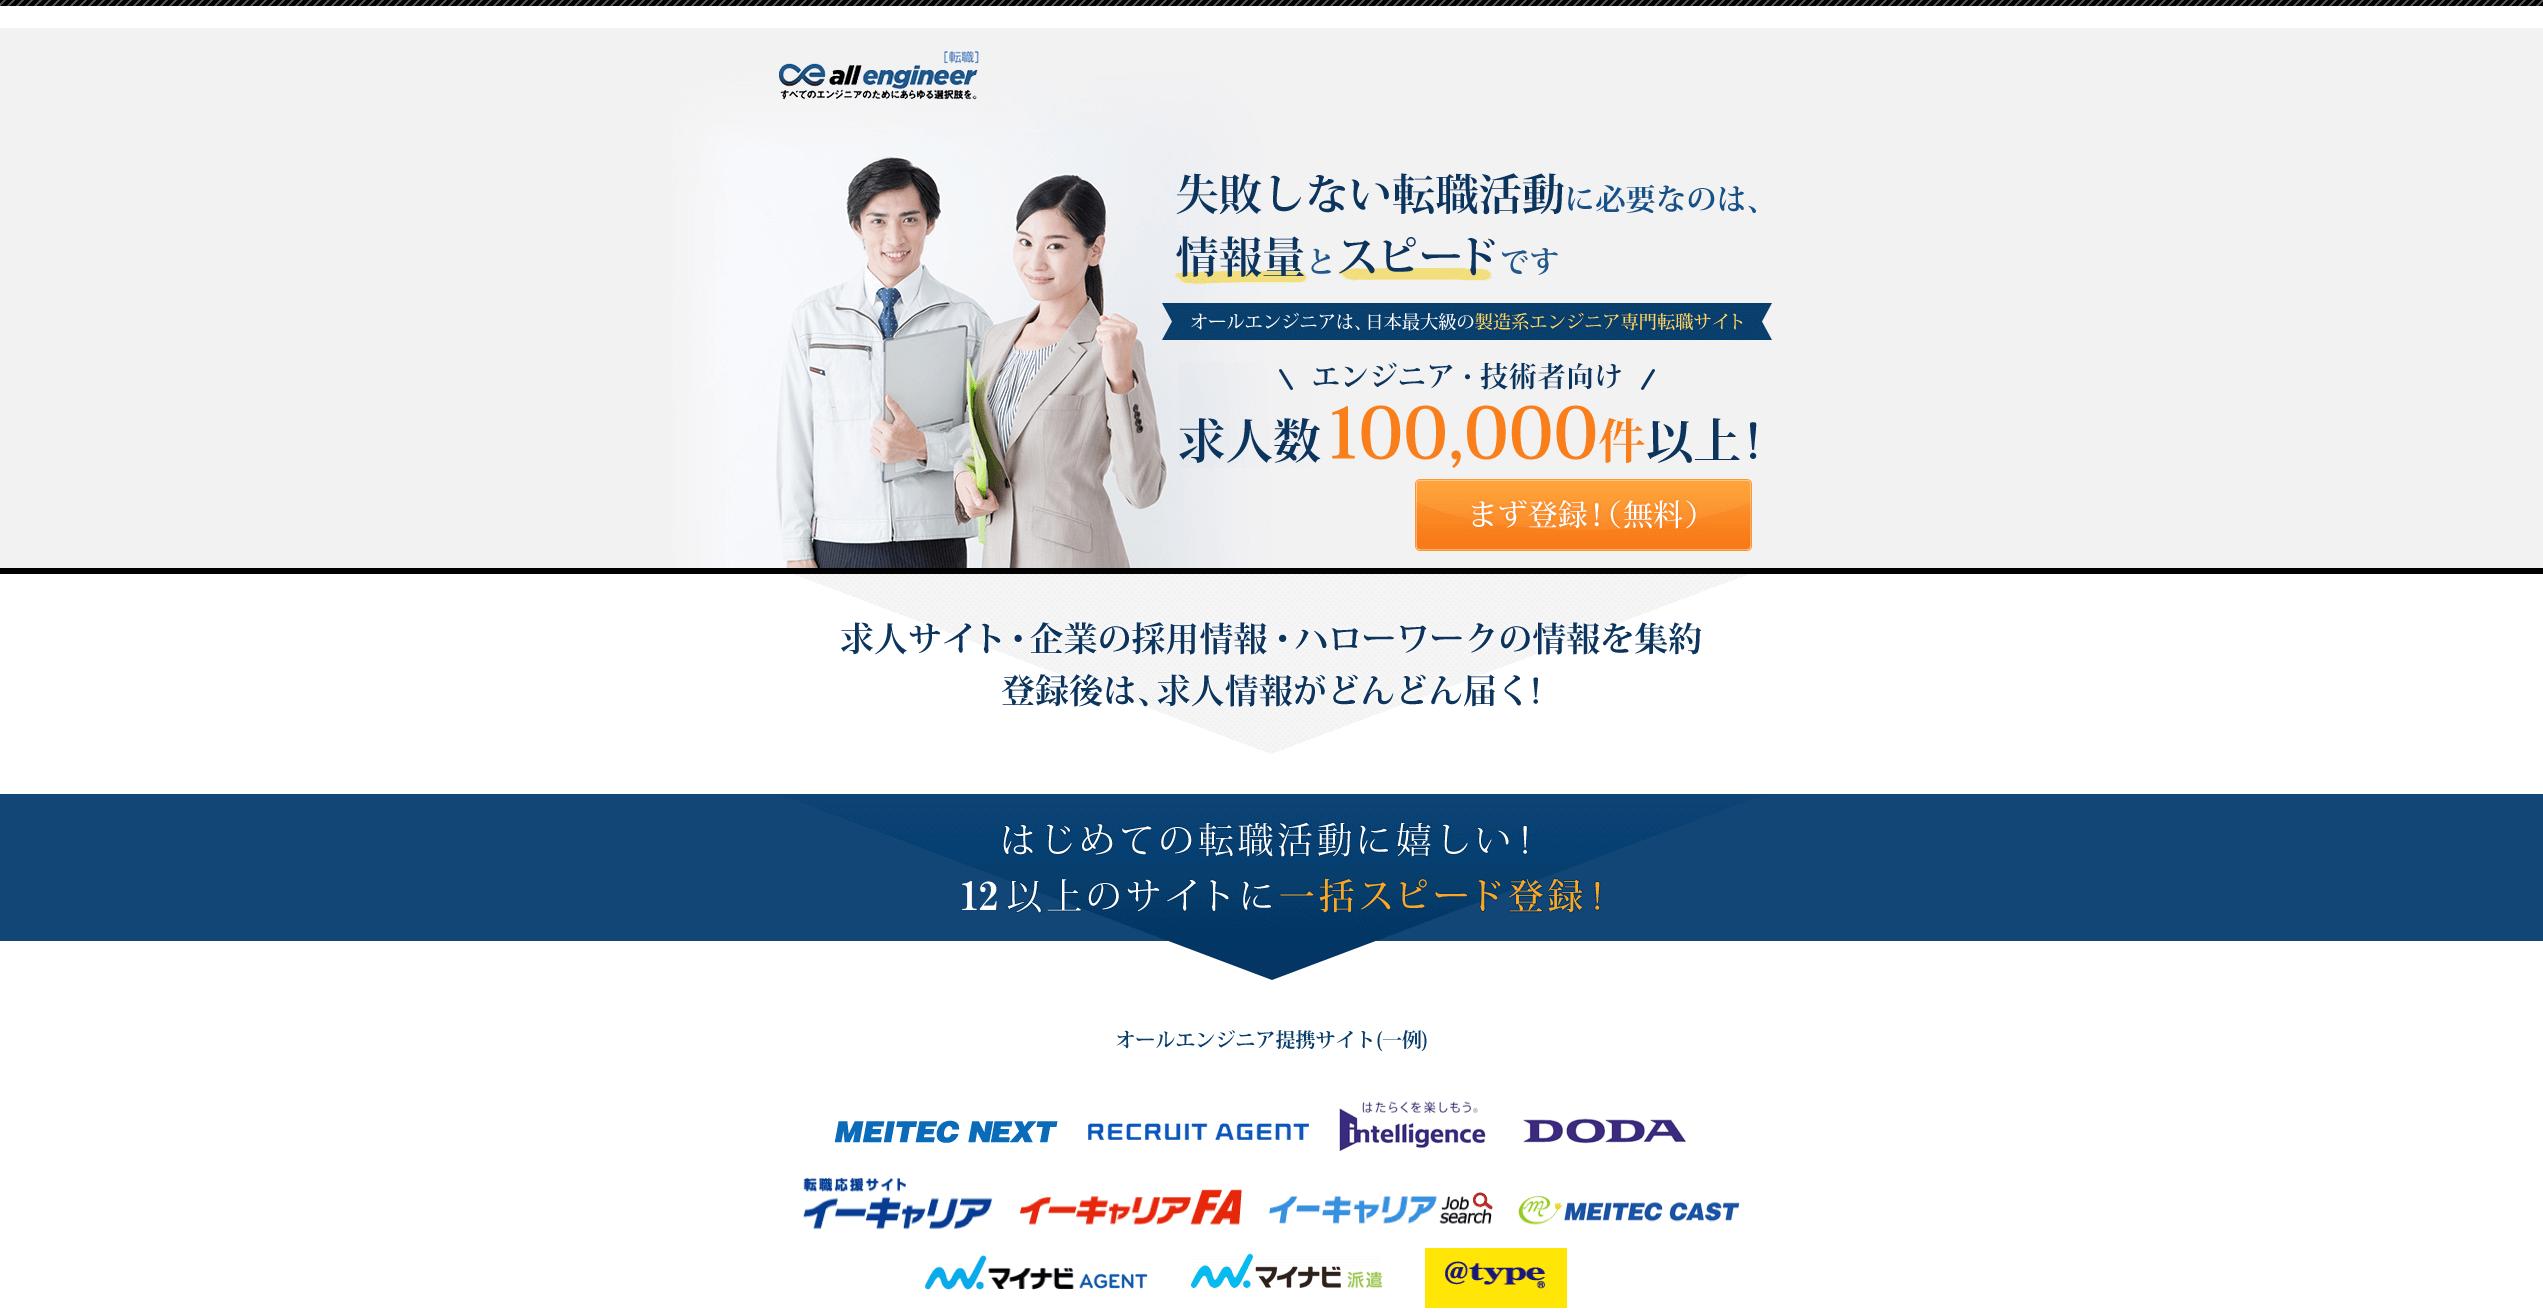 オールエンジニアは日本最大級の製造系エンジニア転職サイト